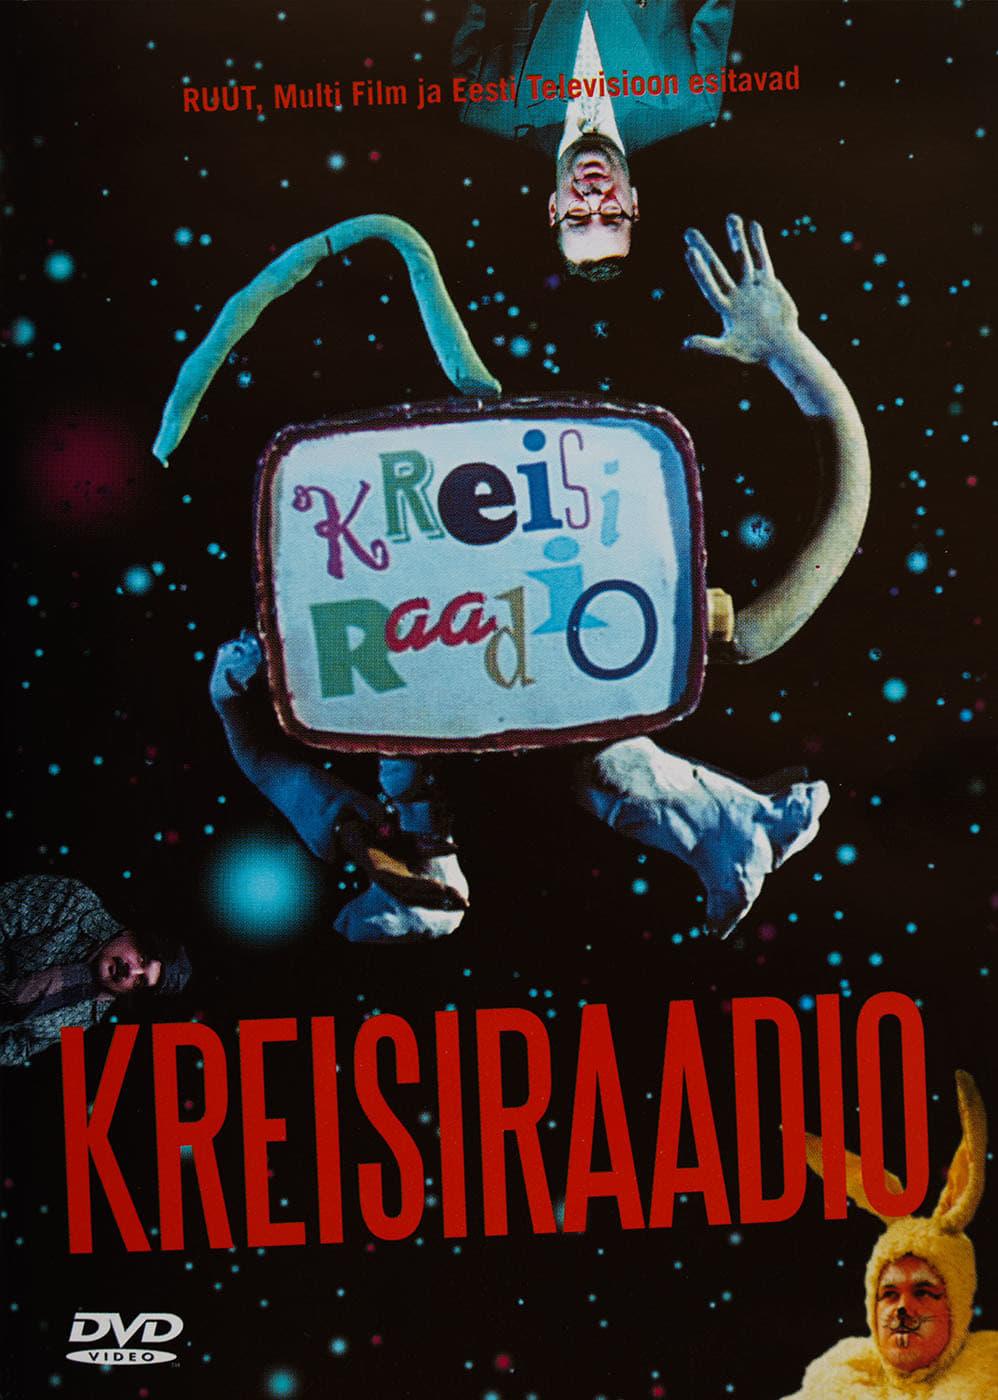 Crazy Radio (1970)